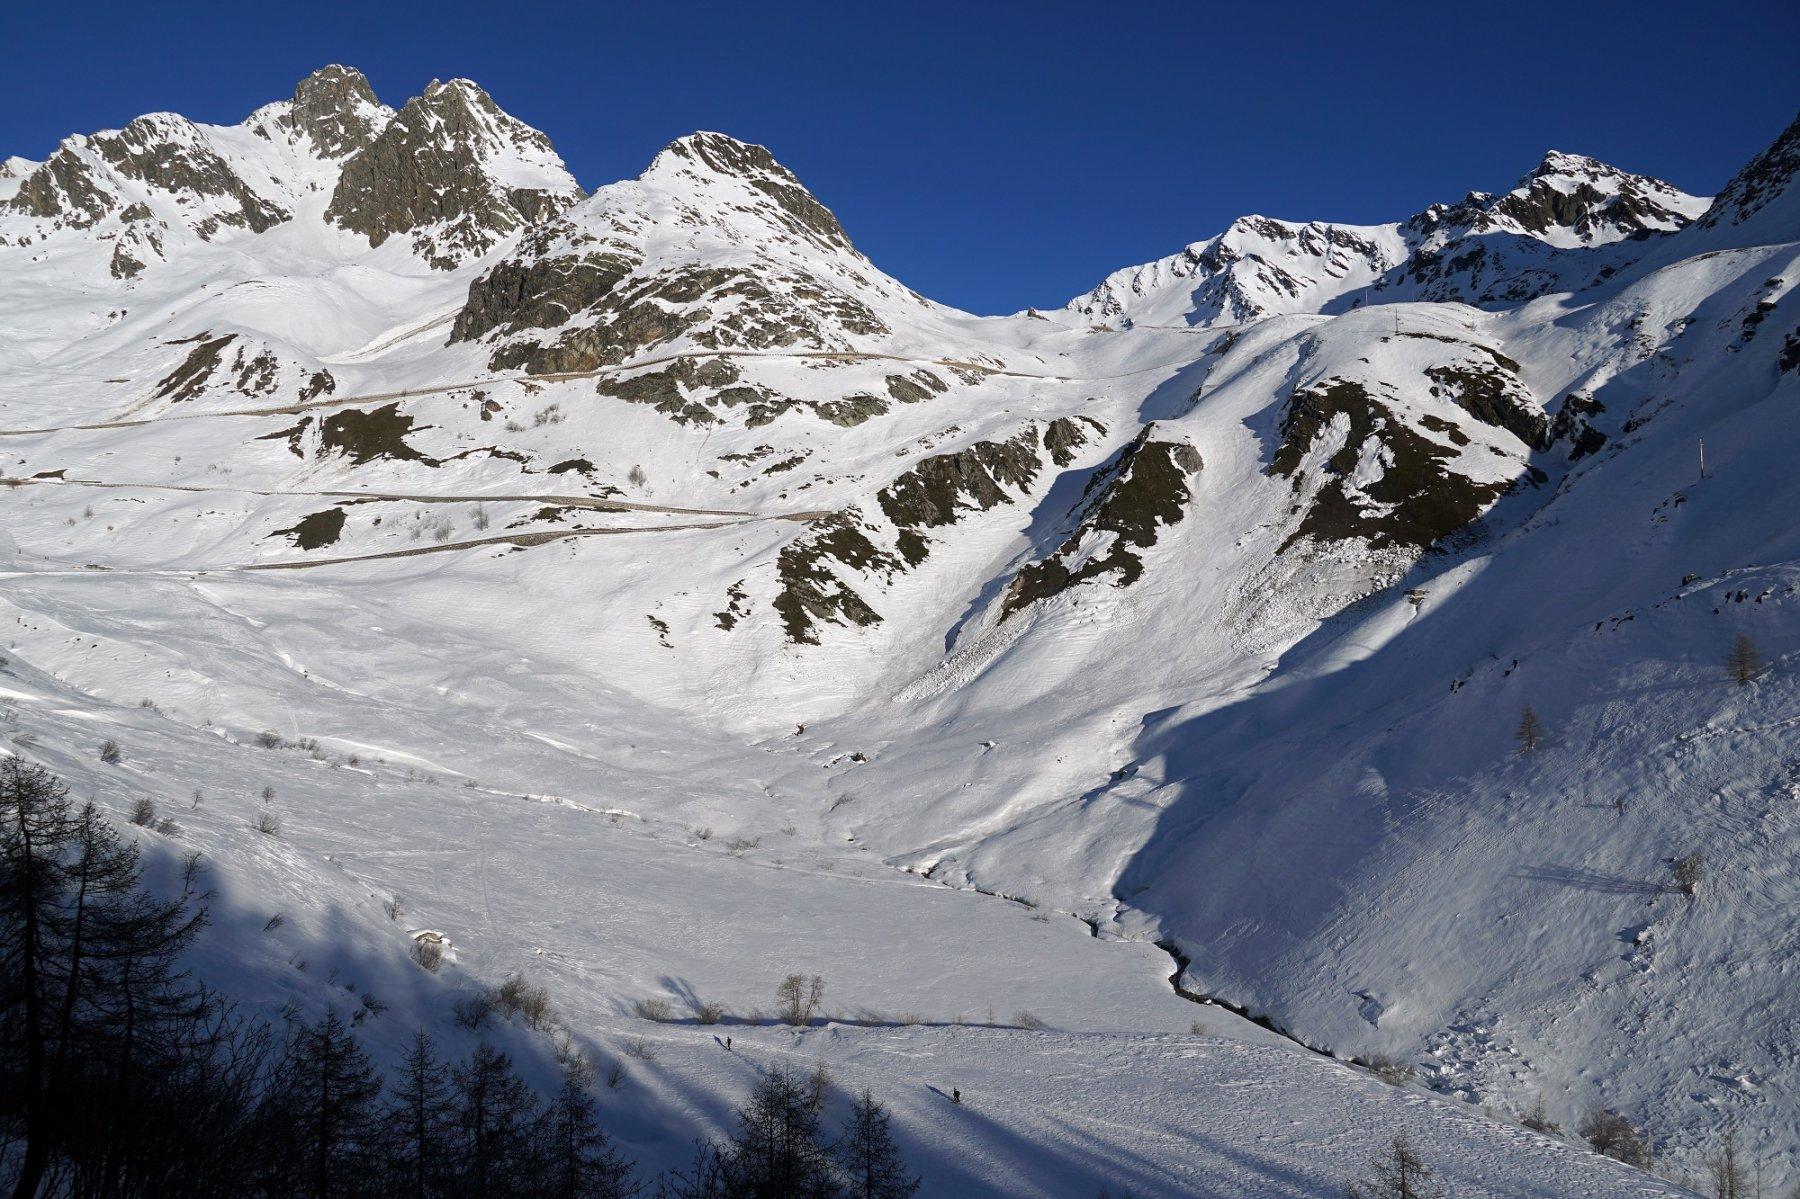 Panoramica della parte iniziale del percorso